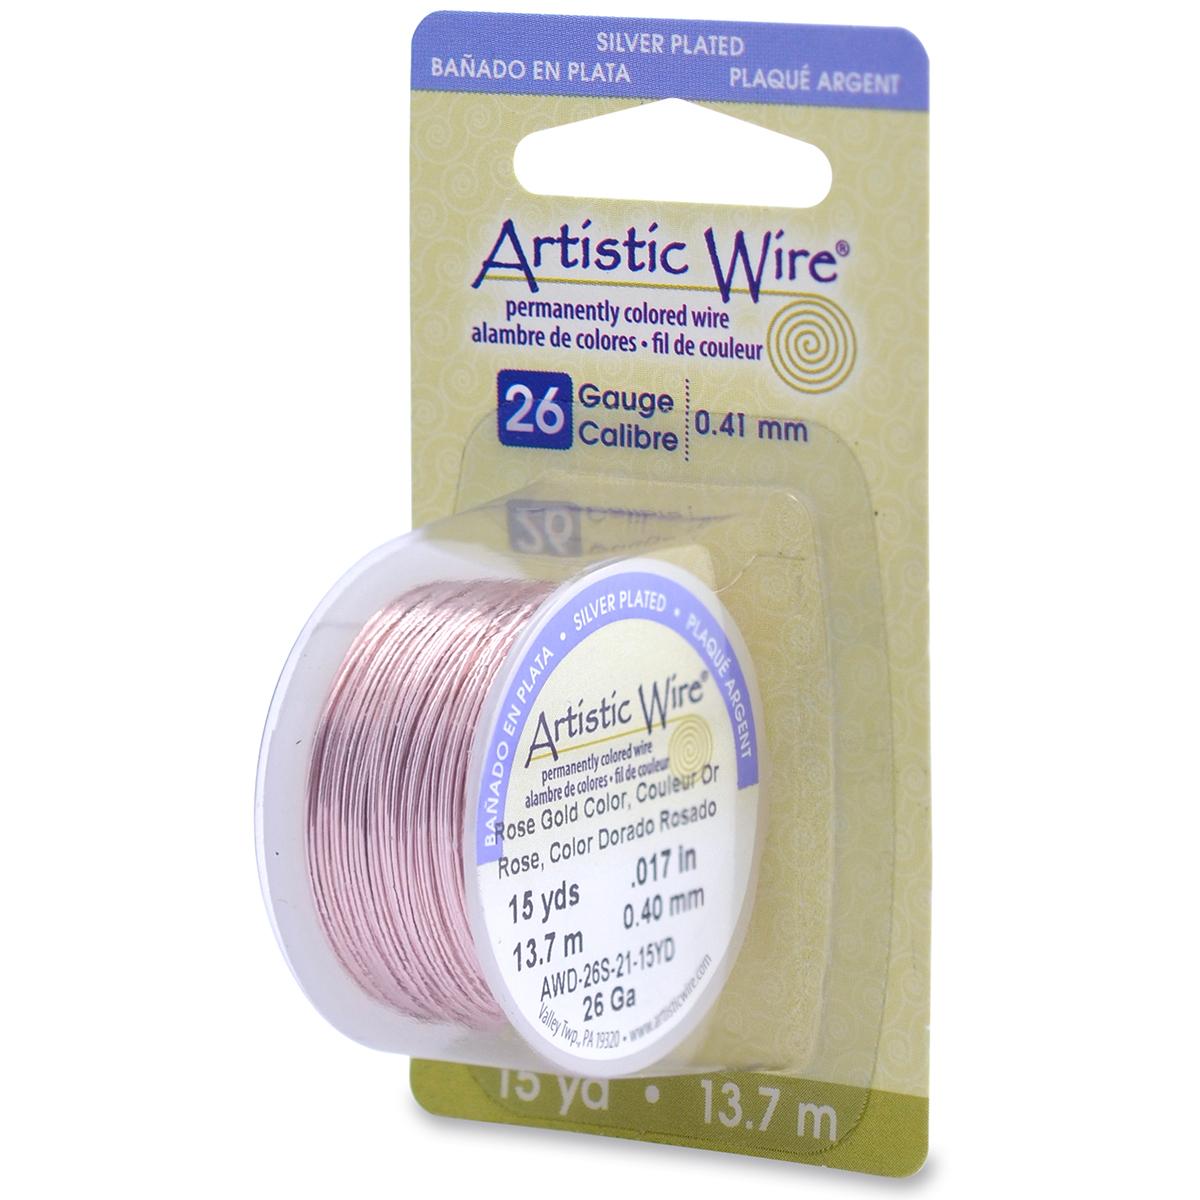 Artistic Wire 26 Gauge Copper Wire-15yd   JOANN